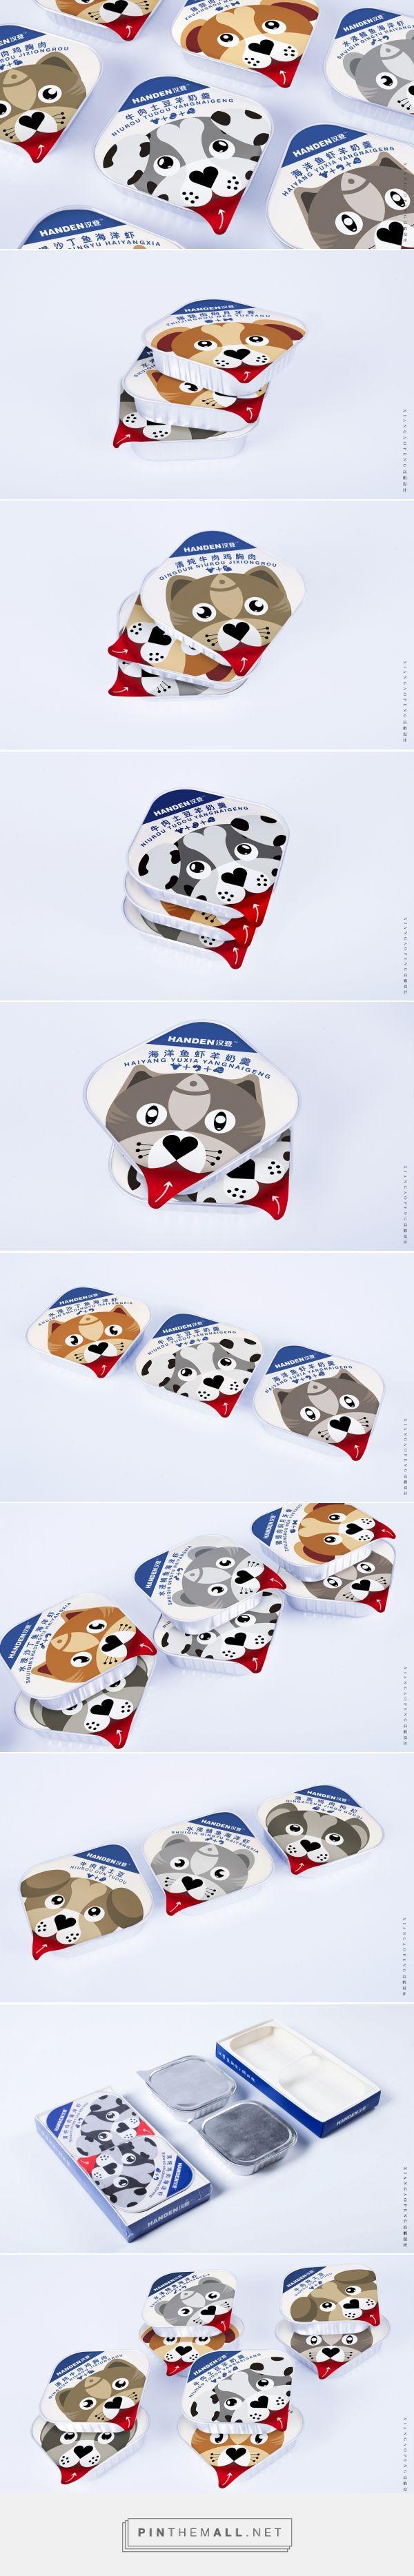 HANDEN pet food packaging design by Xian Gao Peng - http://www.packagingoftheworld.com/2017/09/handen.html